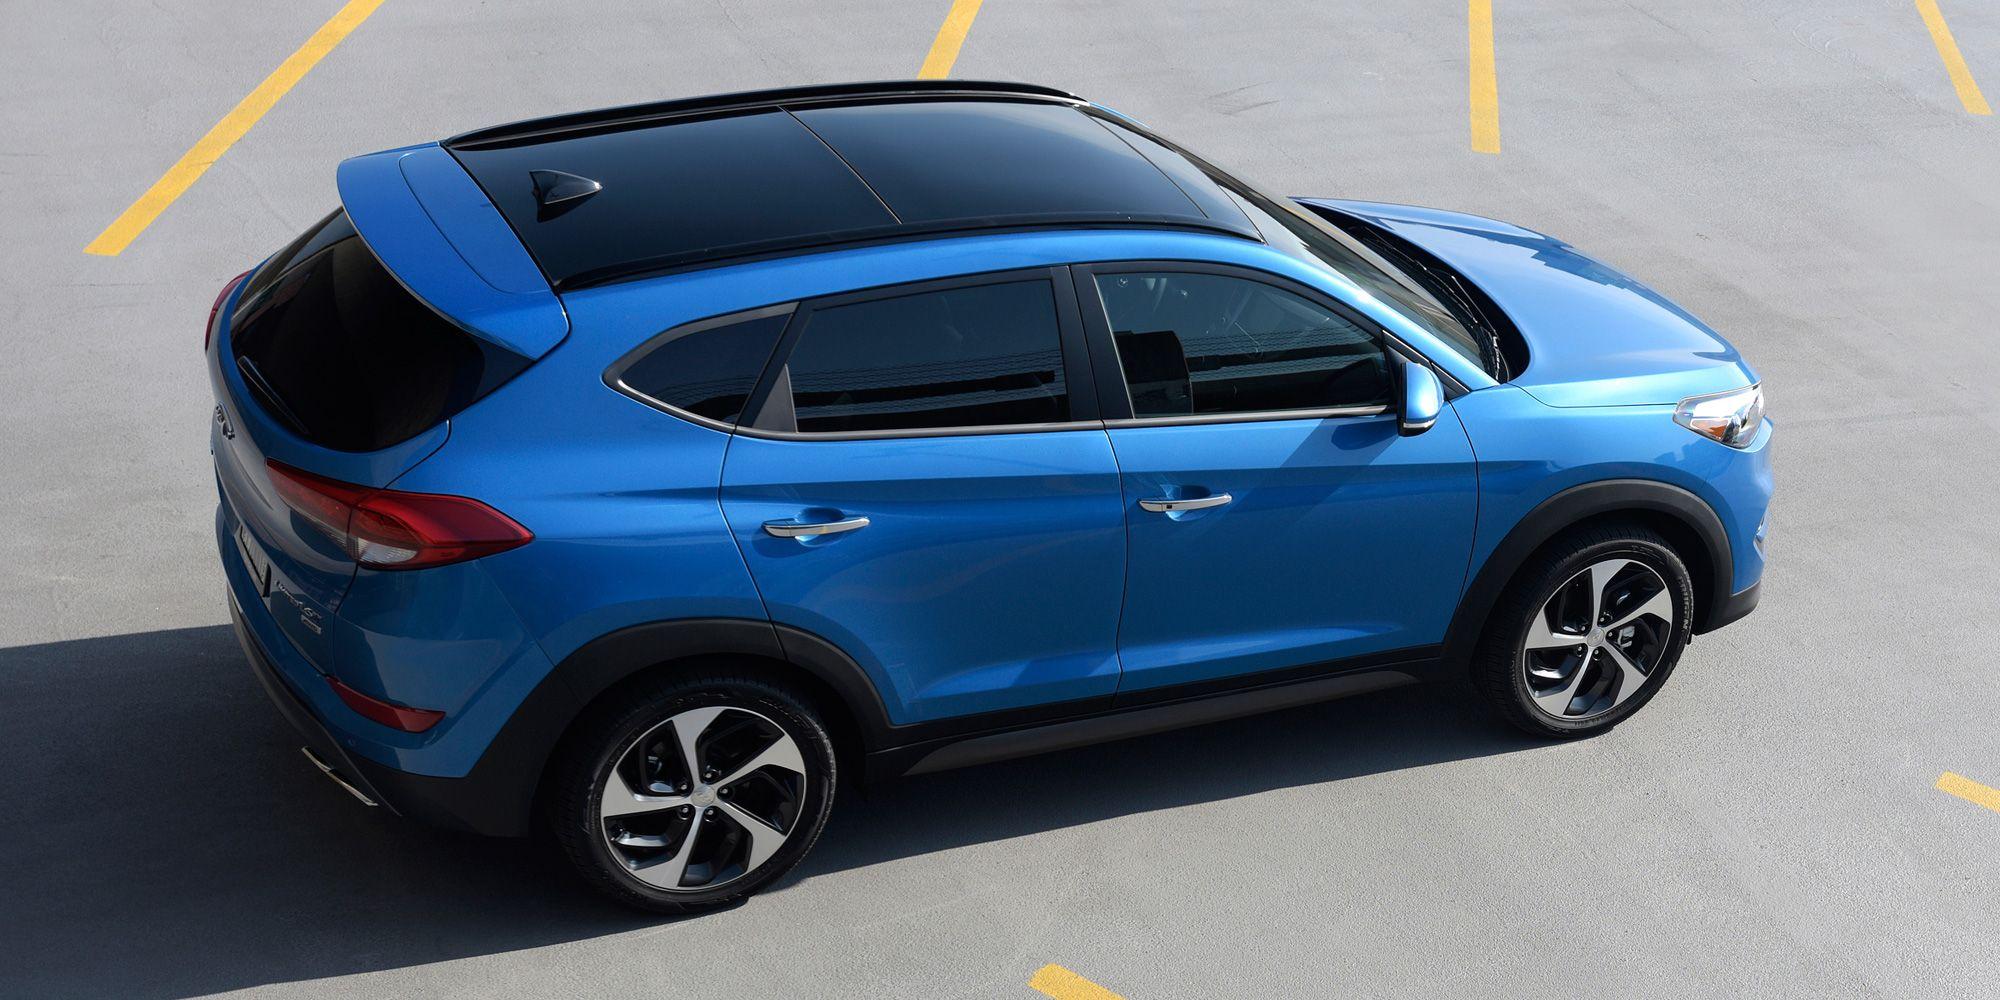 2016 Hyundai Tucson Hyundai Tucson Hyundai Best Midsize Suv